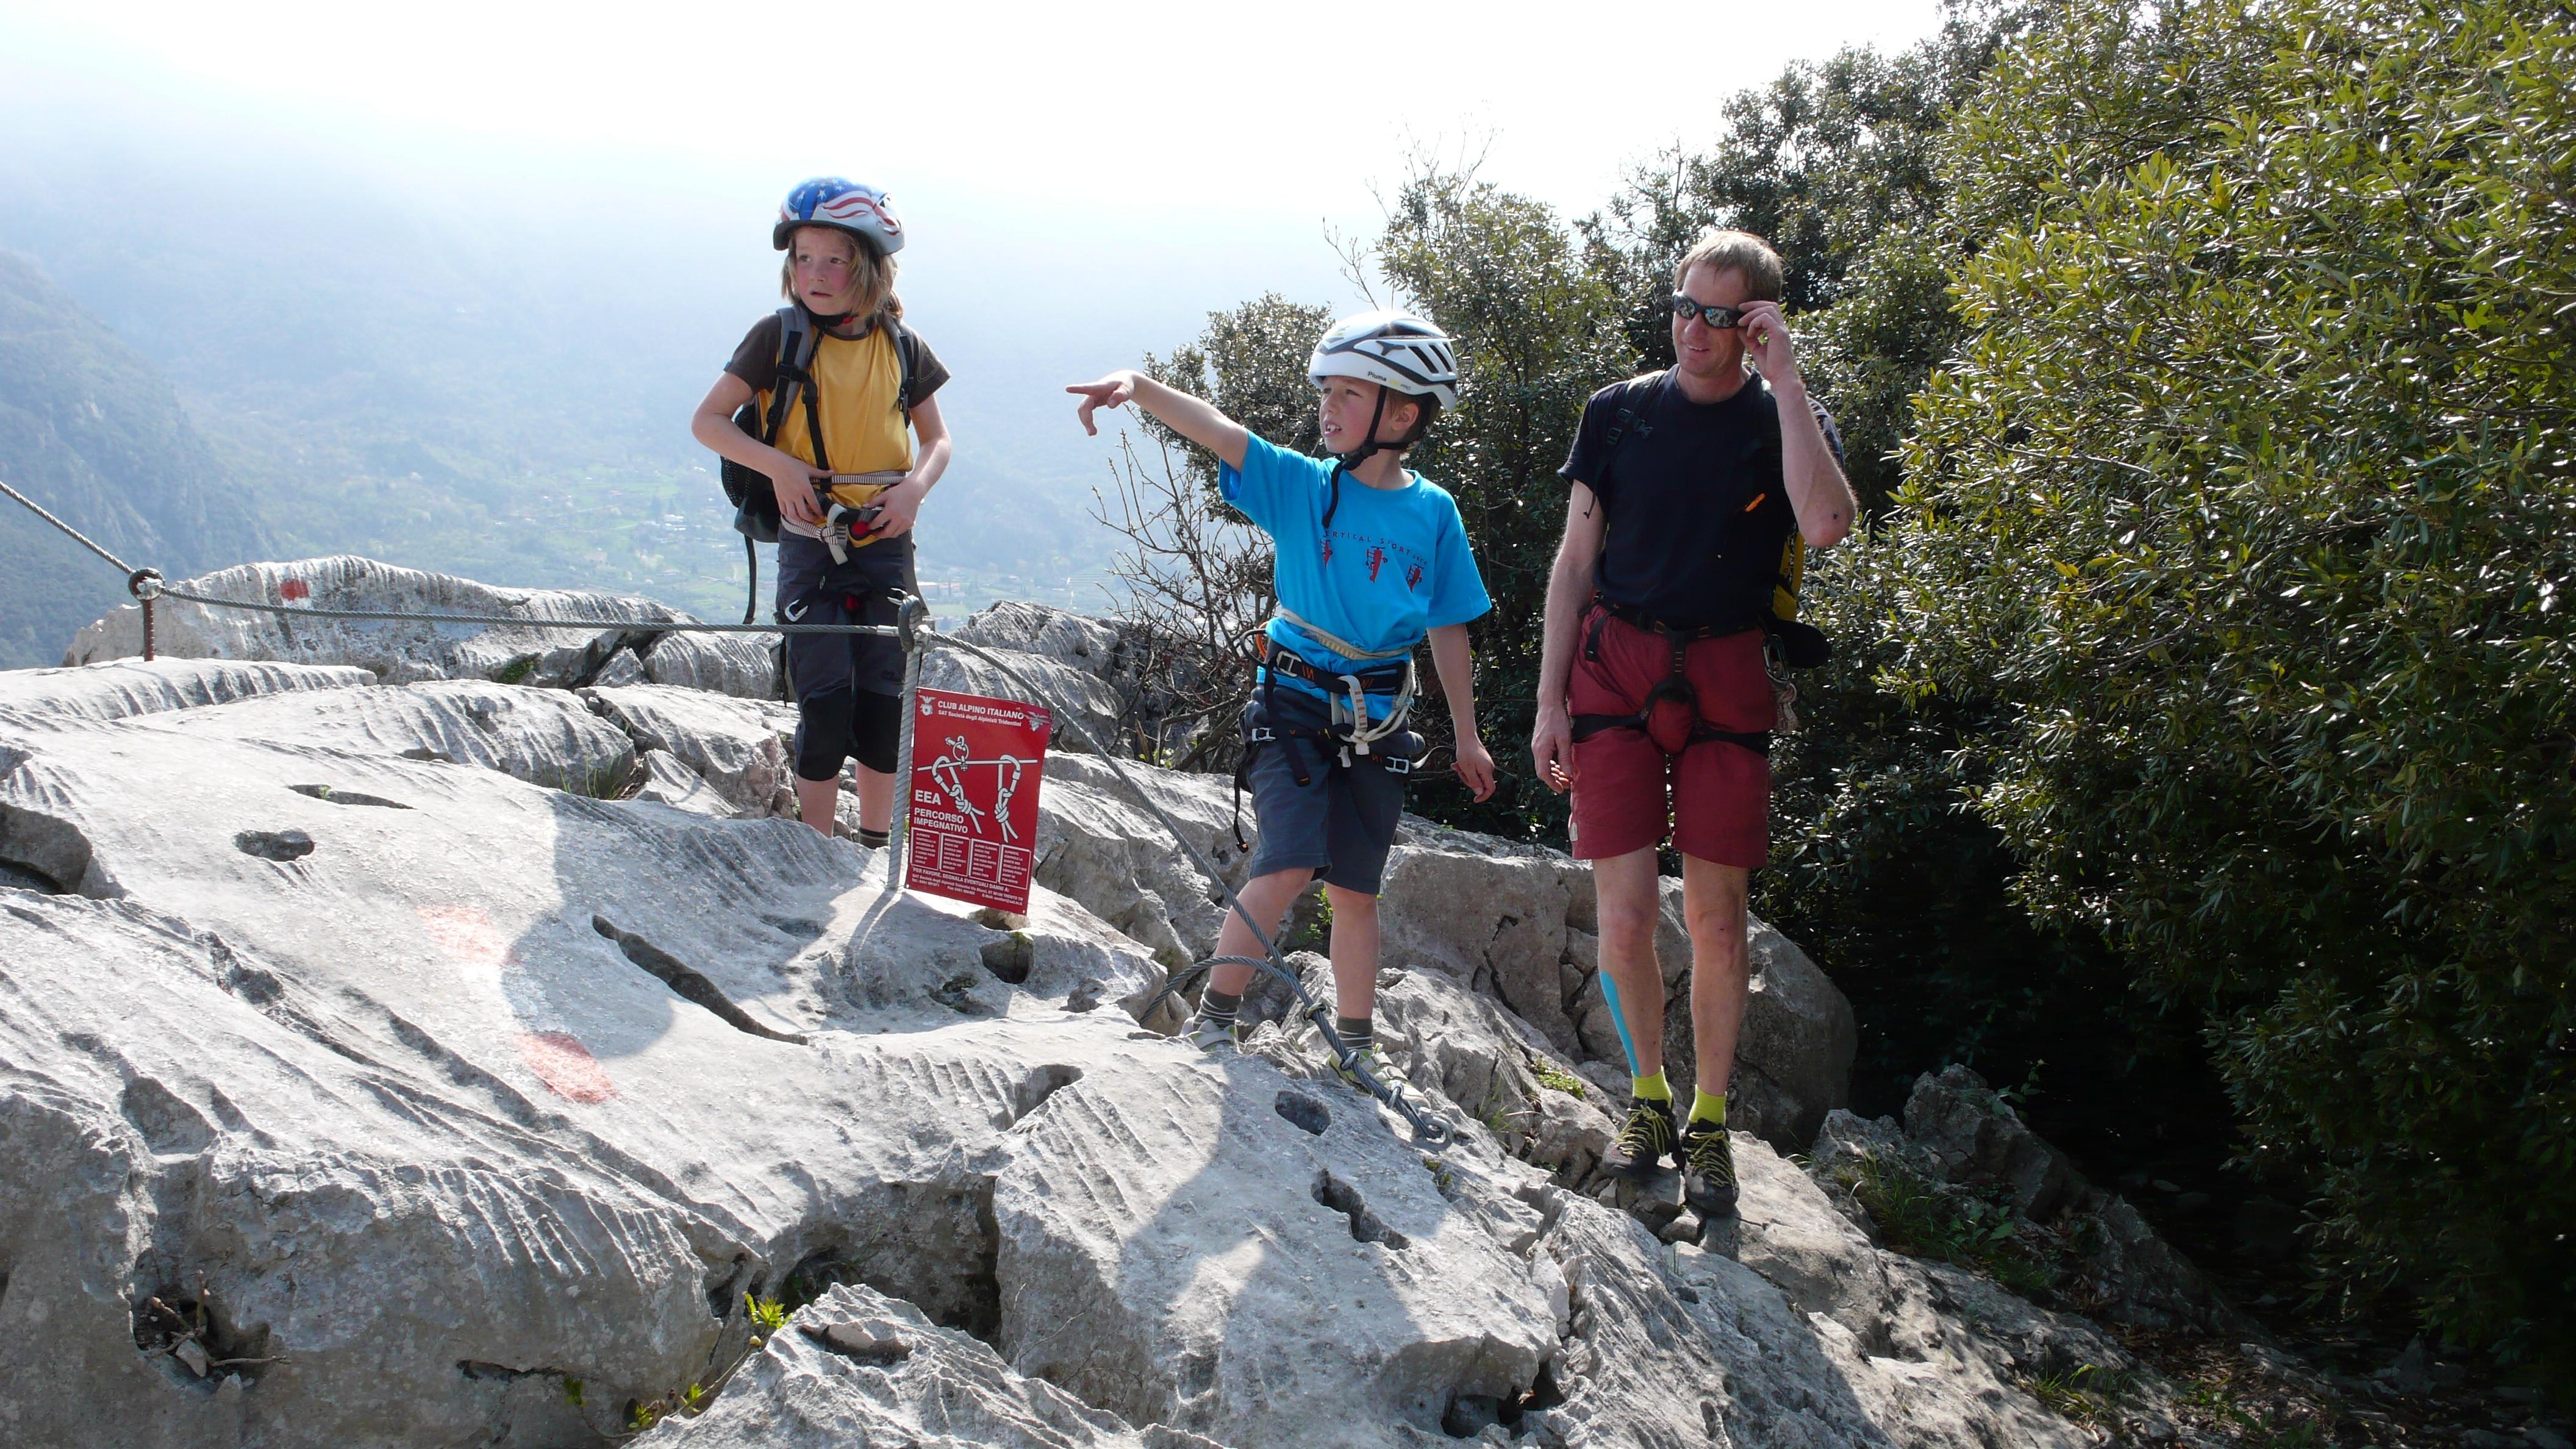 Klettersteig Colodri : Klettersteig colodri interessanter und leichter hoch